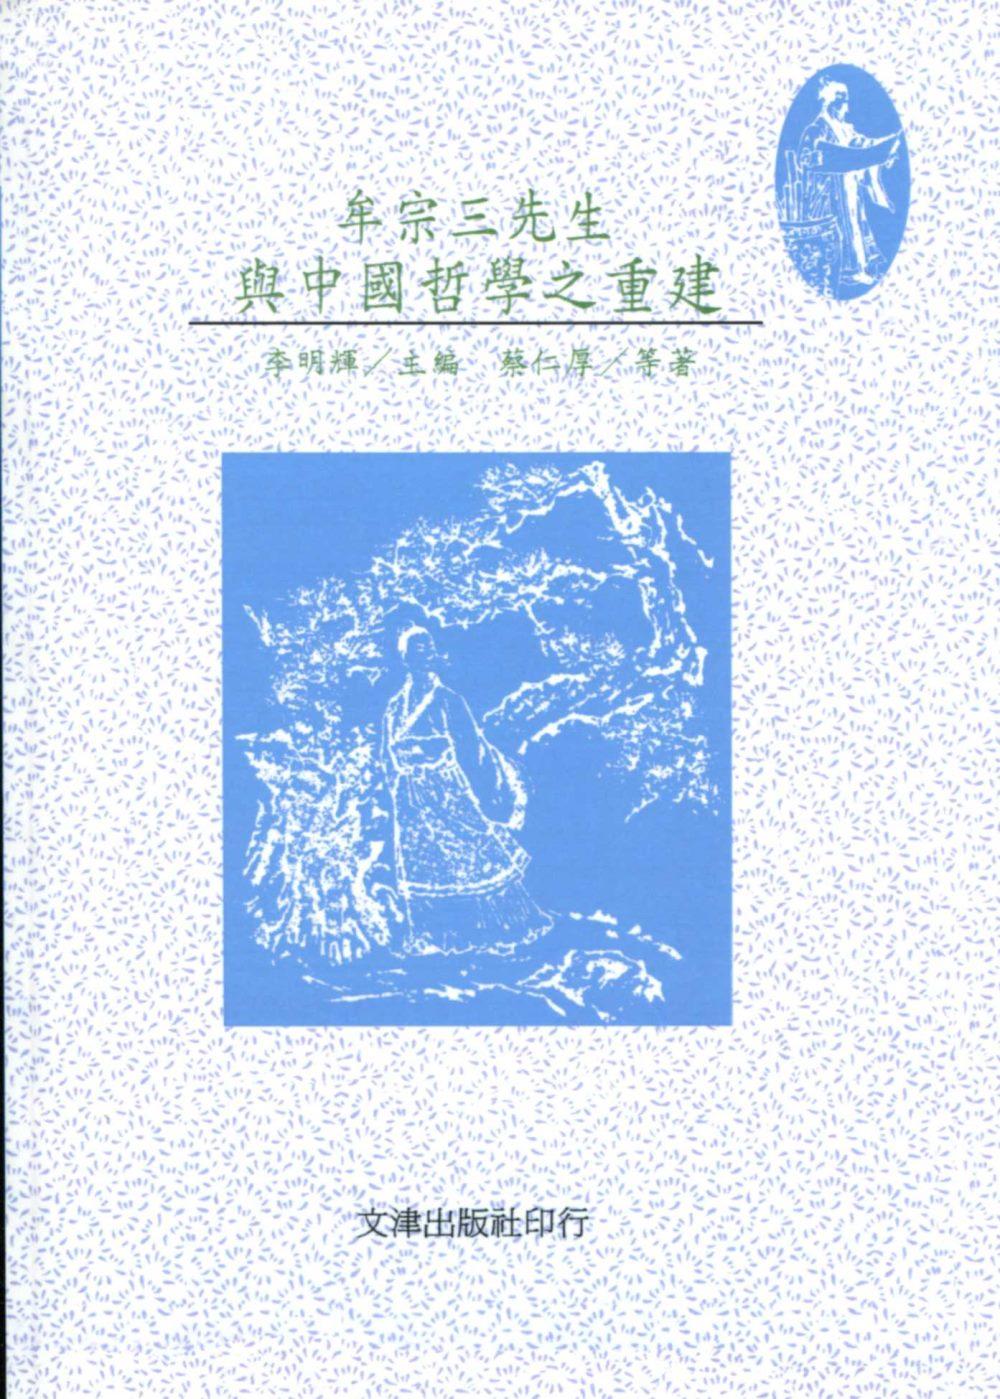 牟宗三先生與中國哲學之重建